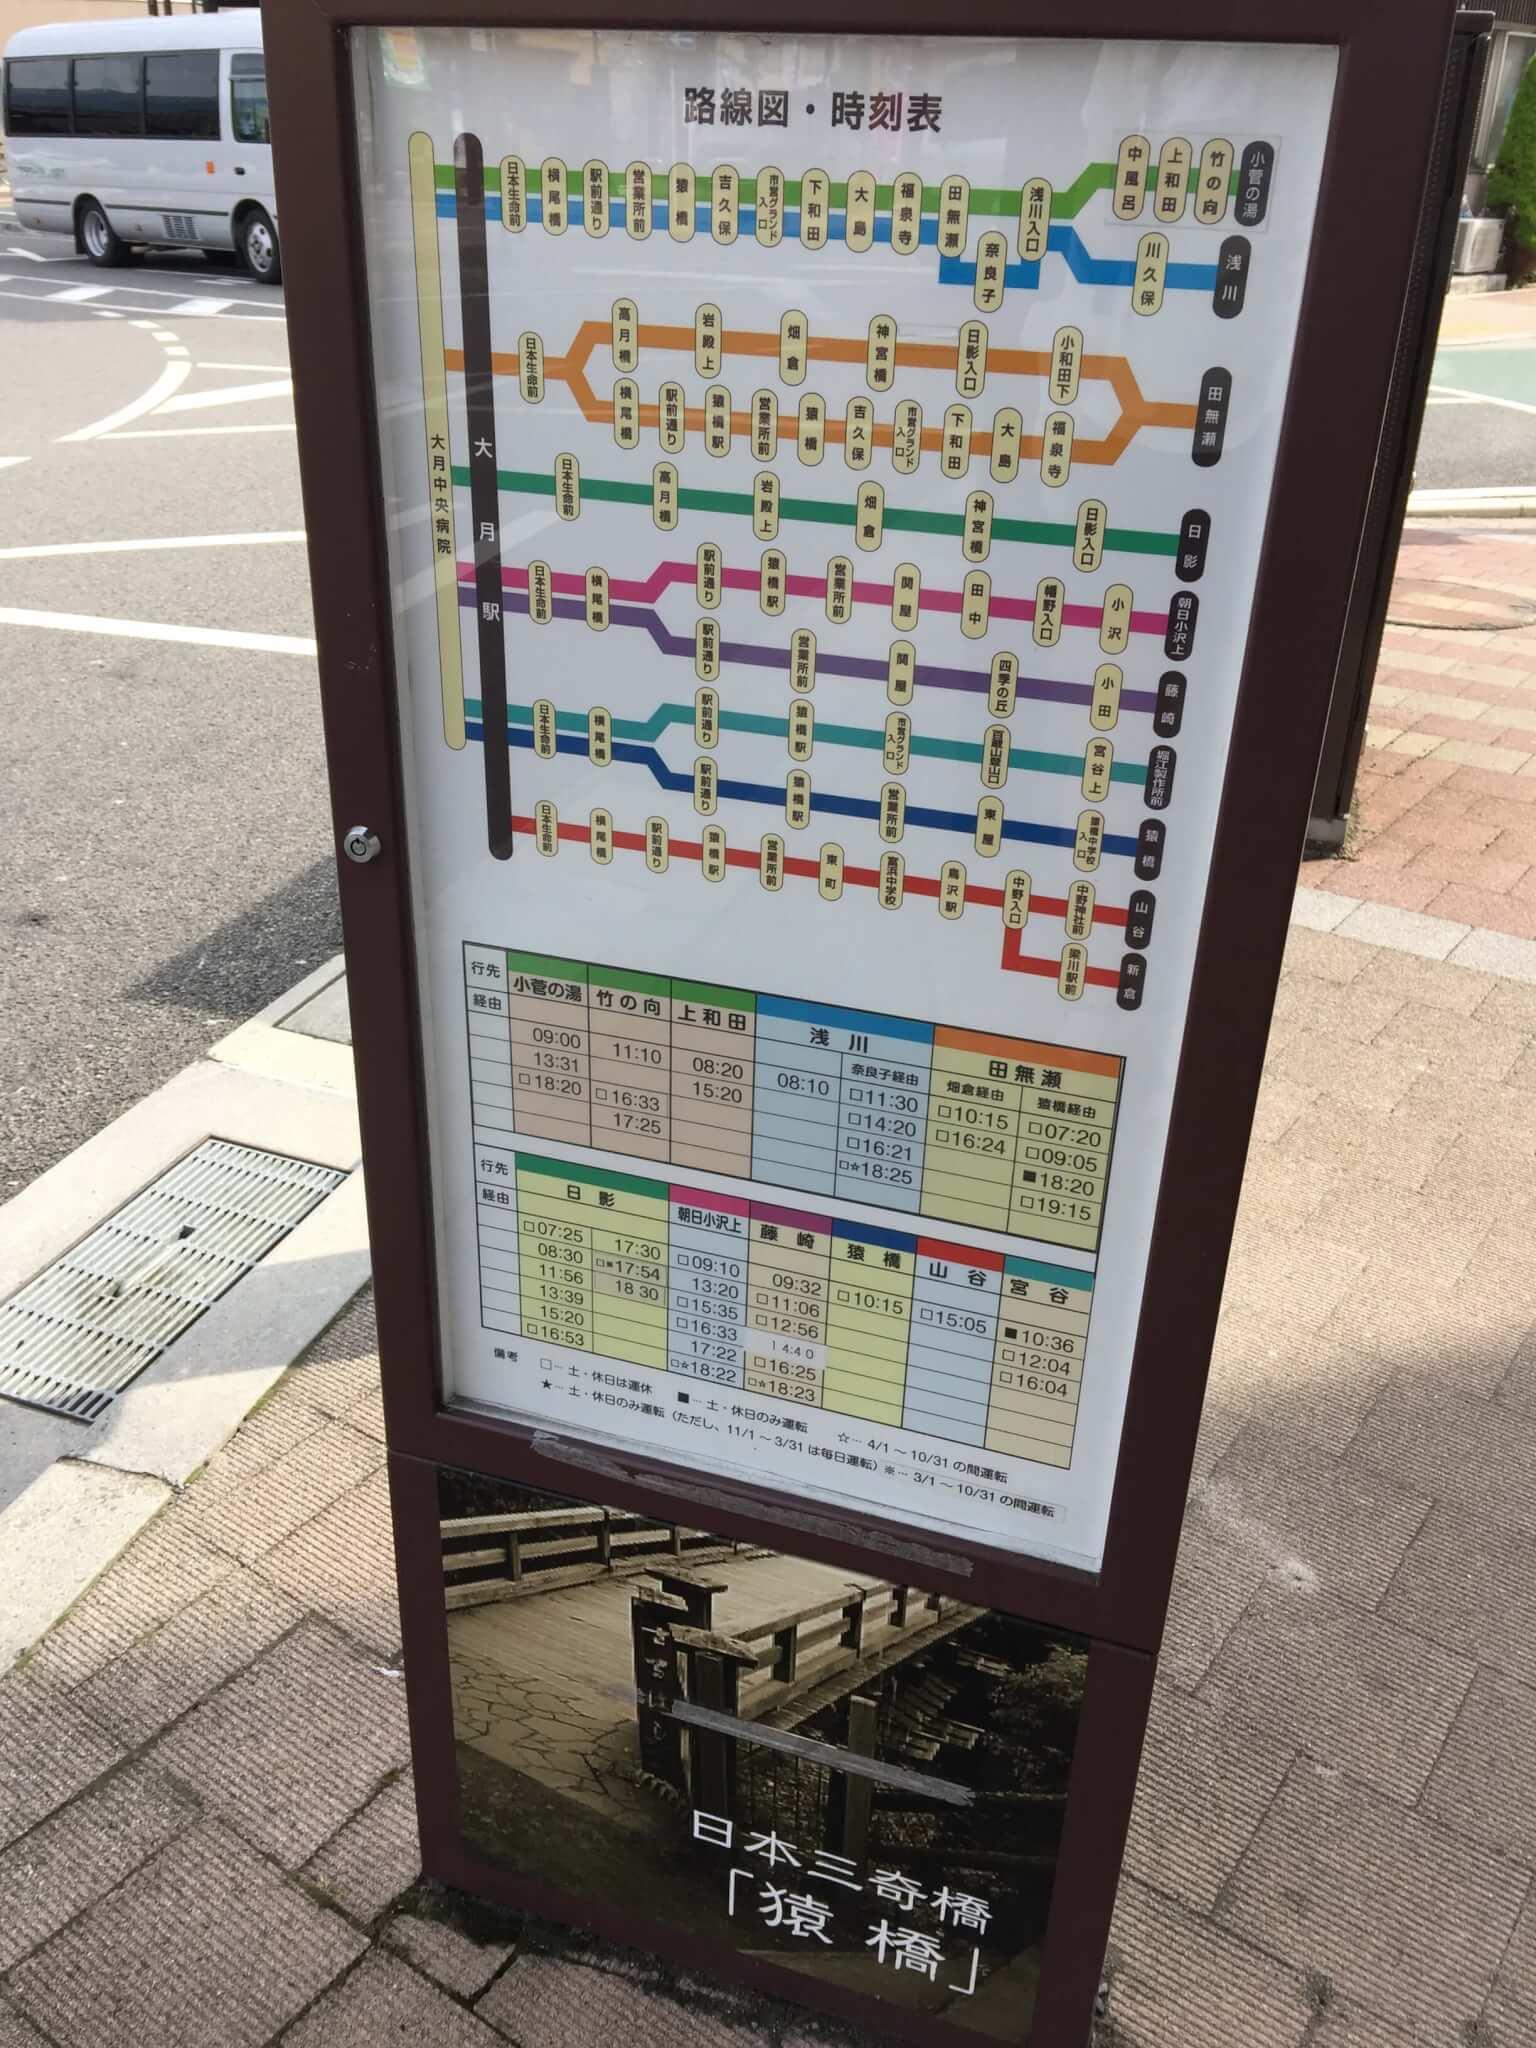 大月駅から小菅の湯までのバス停時刻表